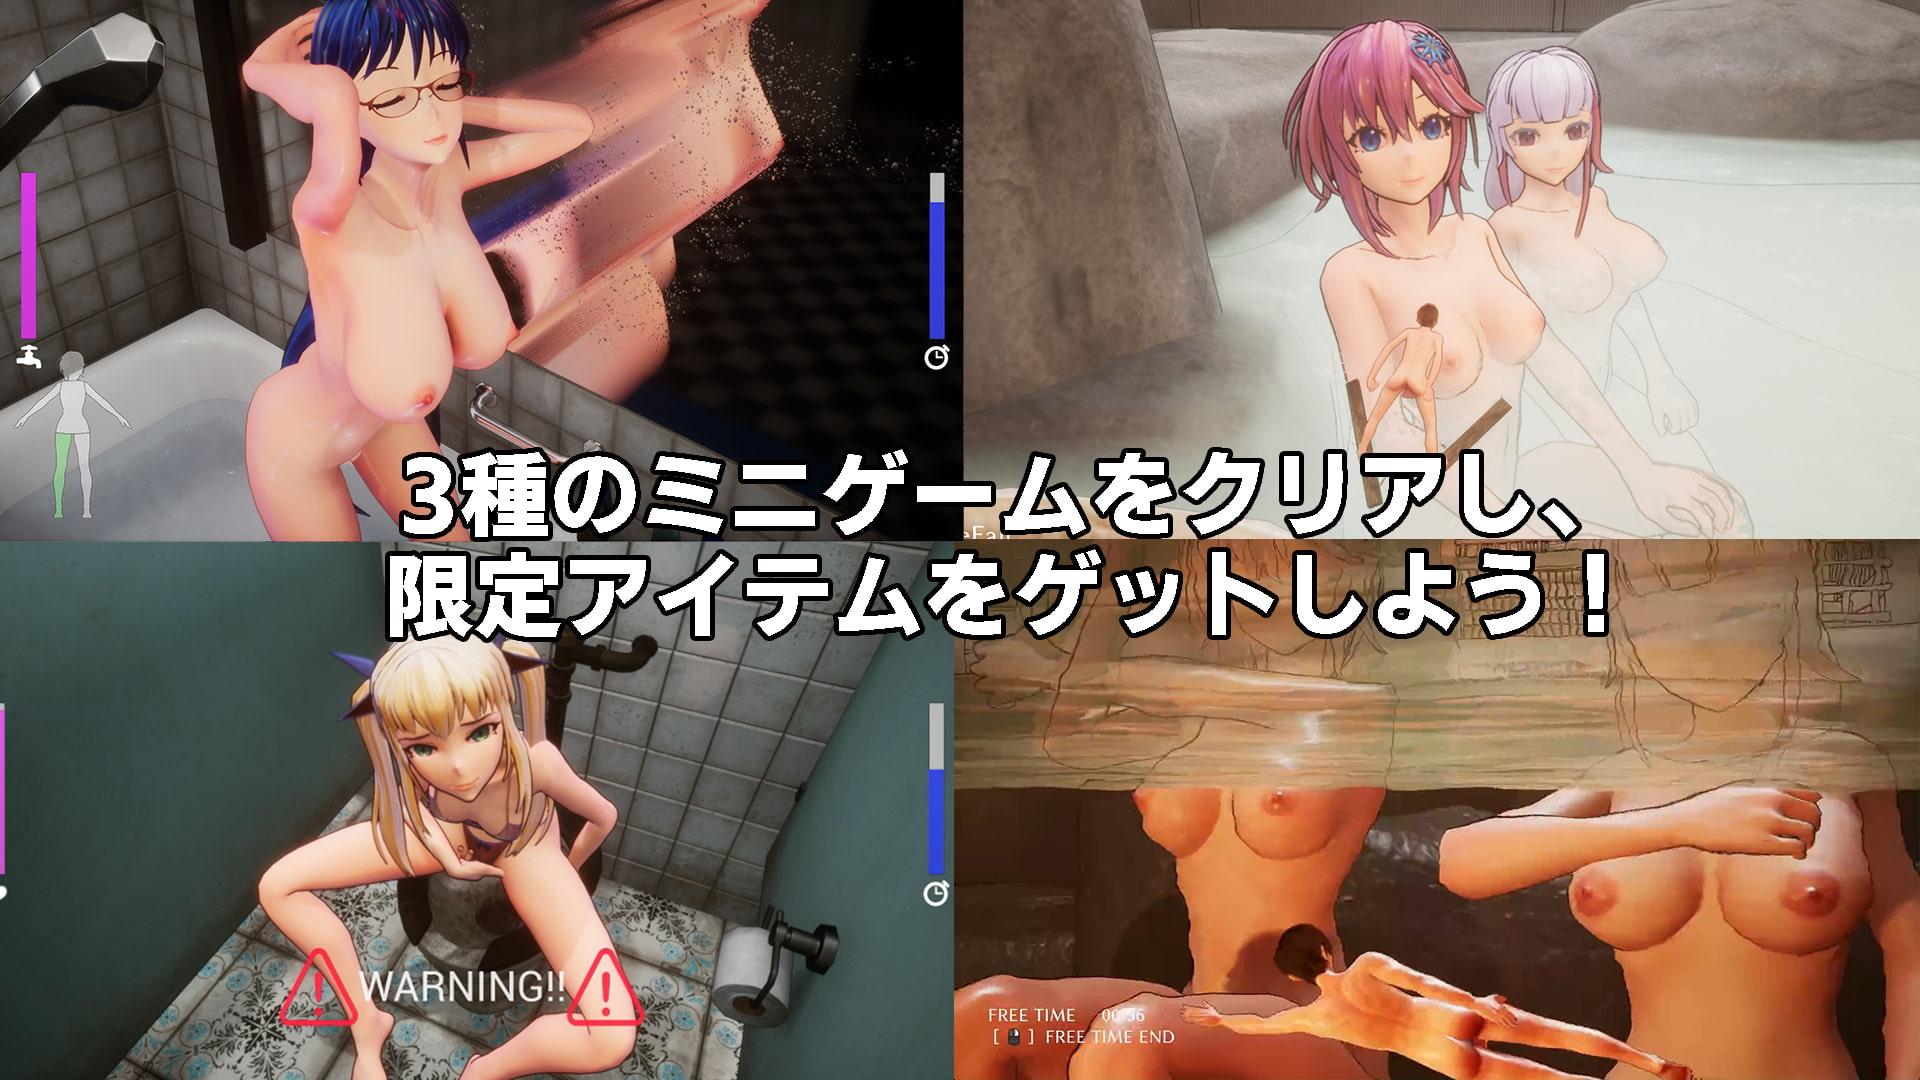 シードオブザデッド:スイートホーム【アダルトゲーム】(TeamKRAMA)8